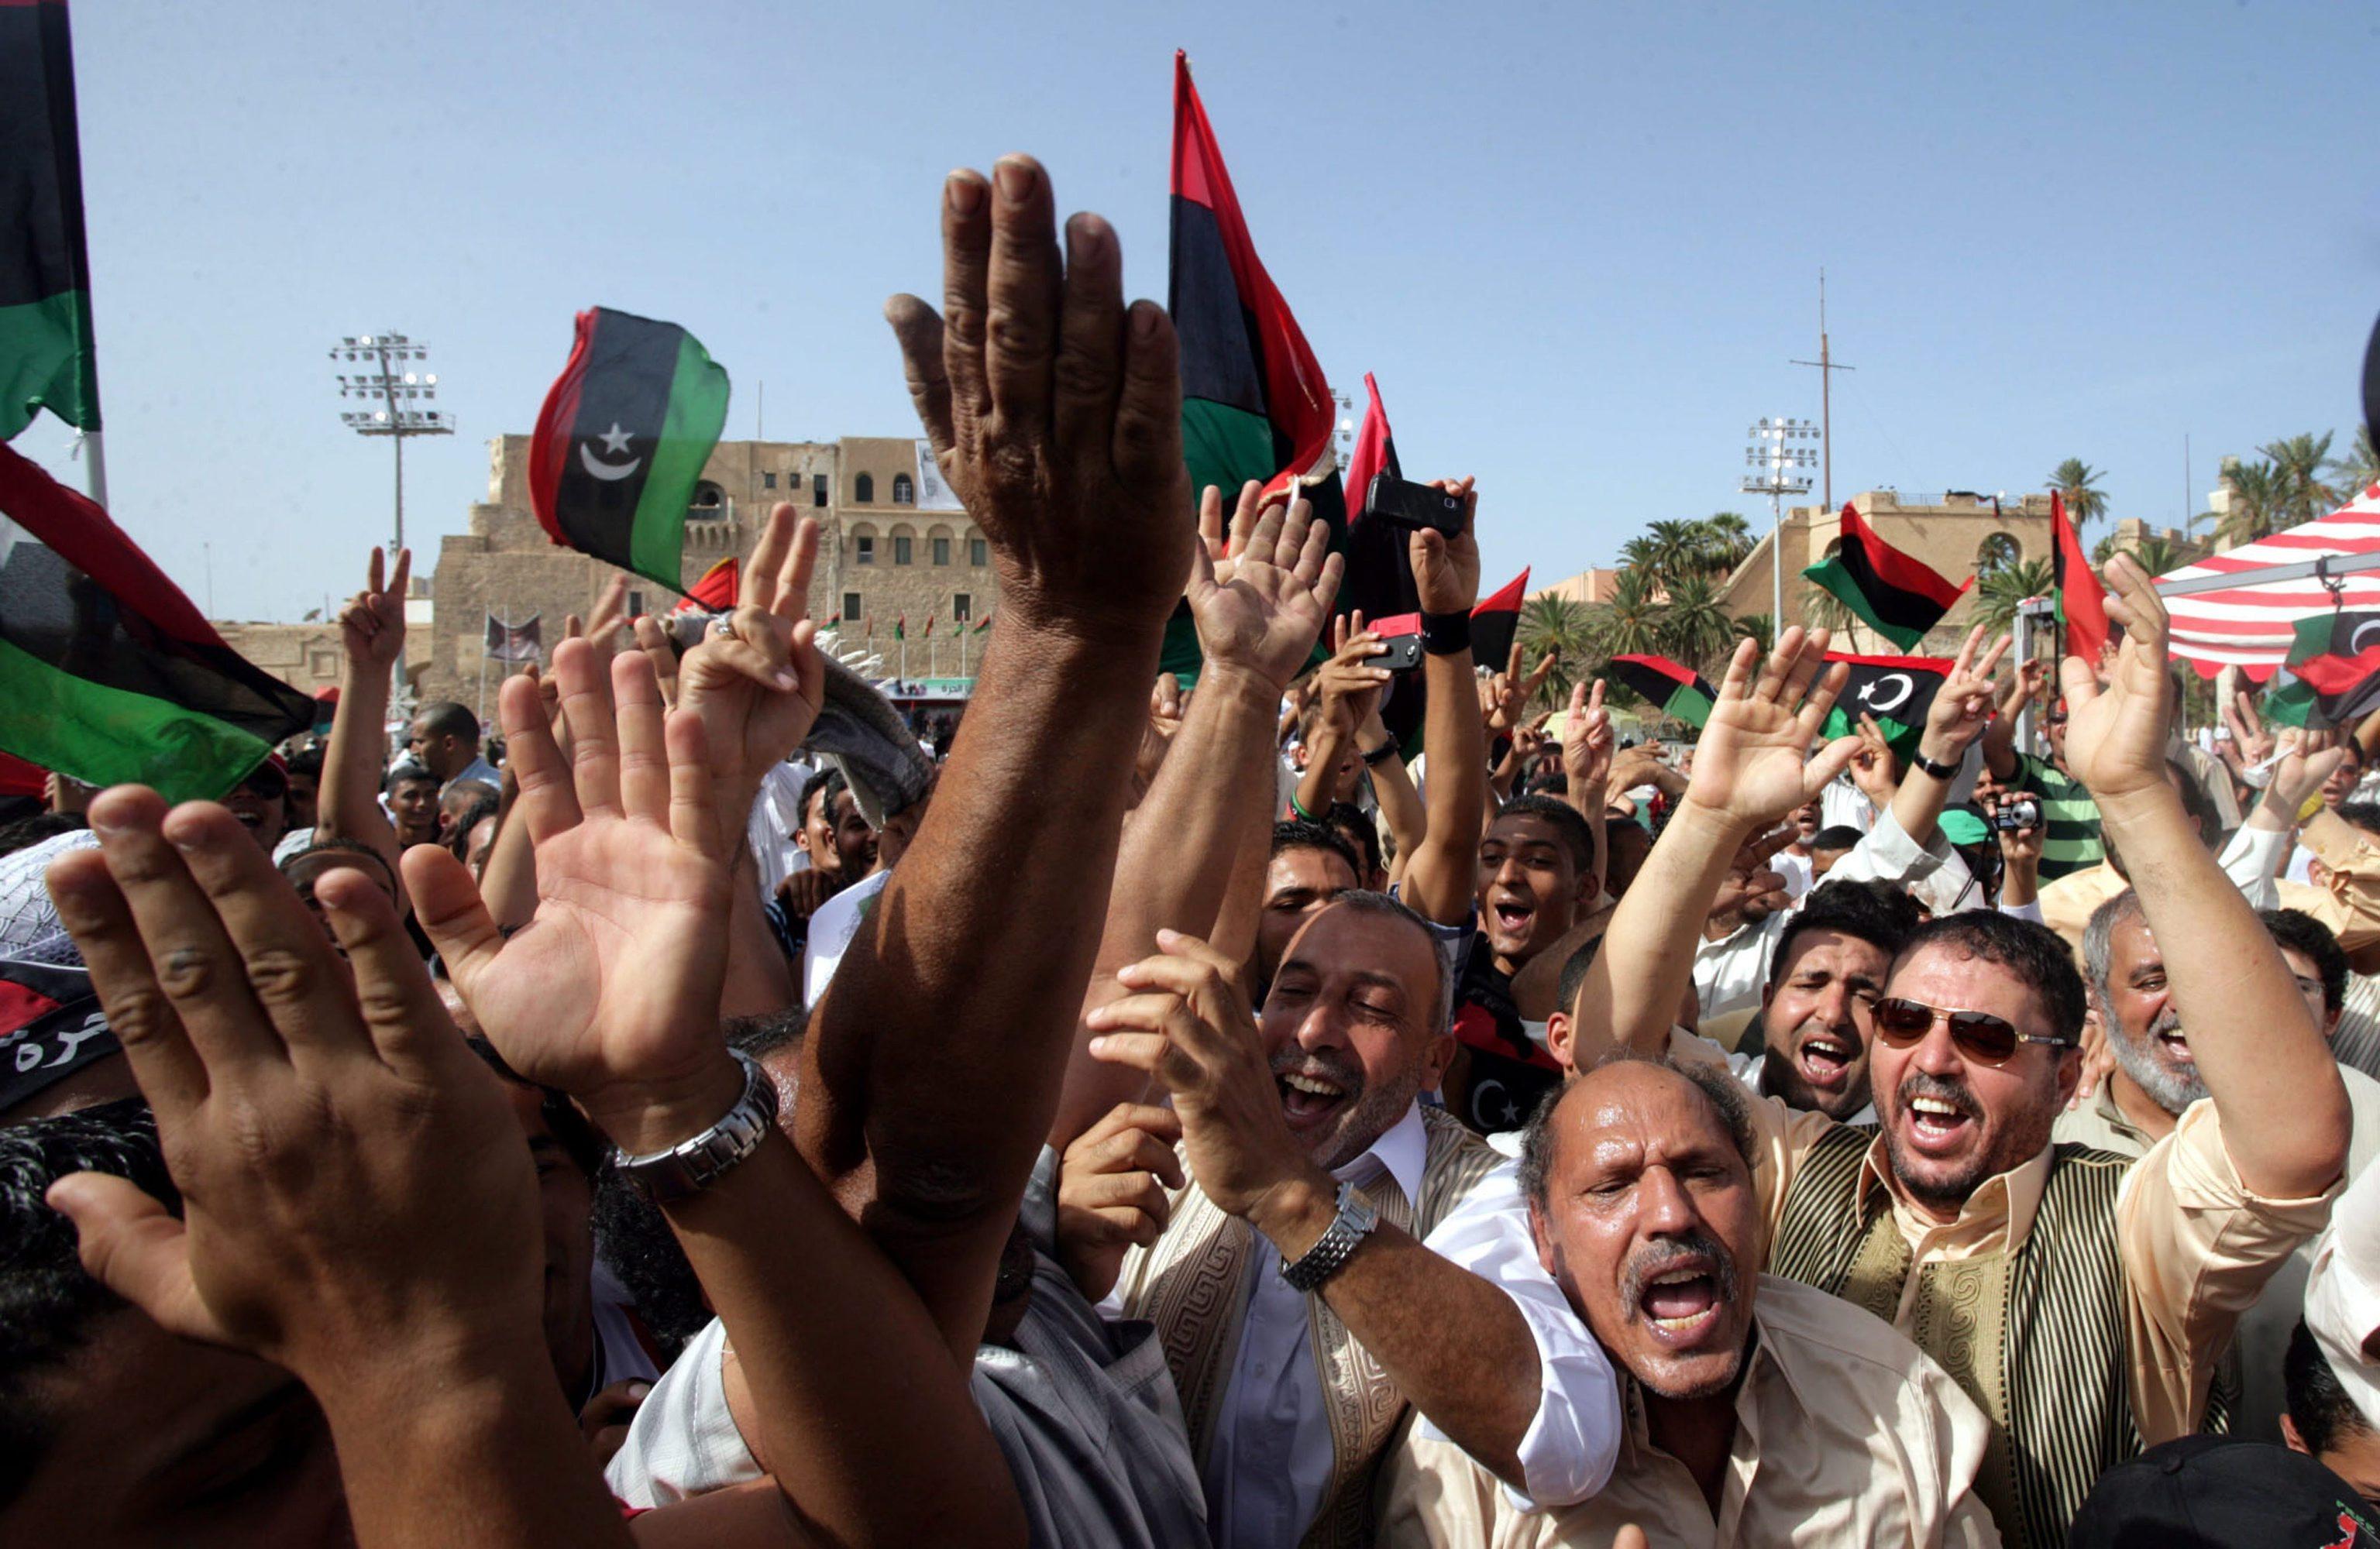 LIBIA: CNT, DOMANI A BENGASI ANNUNCIO LIBERAZIONE